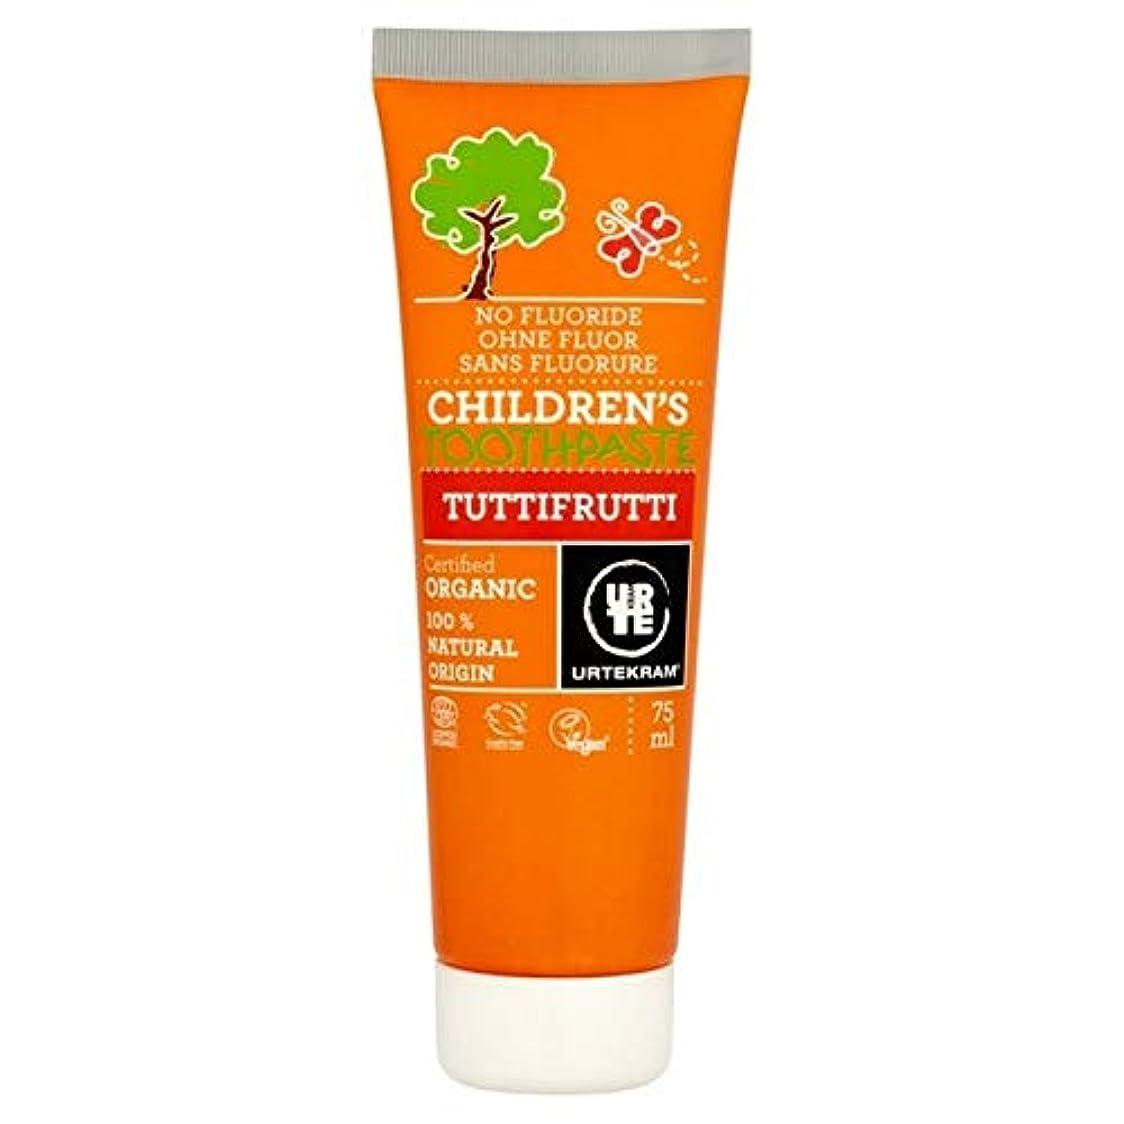 感謝祭ガラス繊毛[Urtekram] Urtekram子供のトゥッティフルッティの歯磨き粉75ミリリットル - Urtekram Children's Tutti Frutti Toothpaste 75ml [並行輸入品]